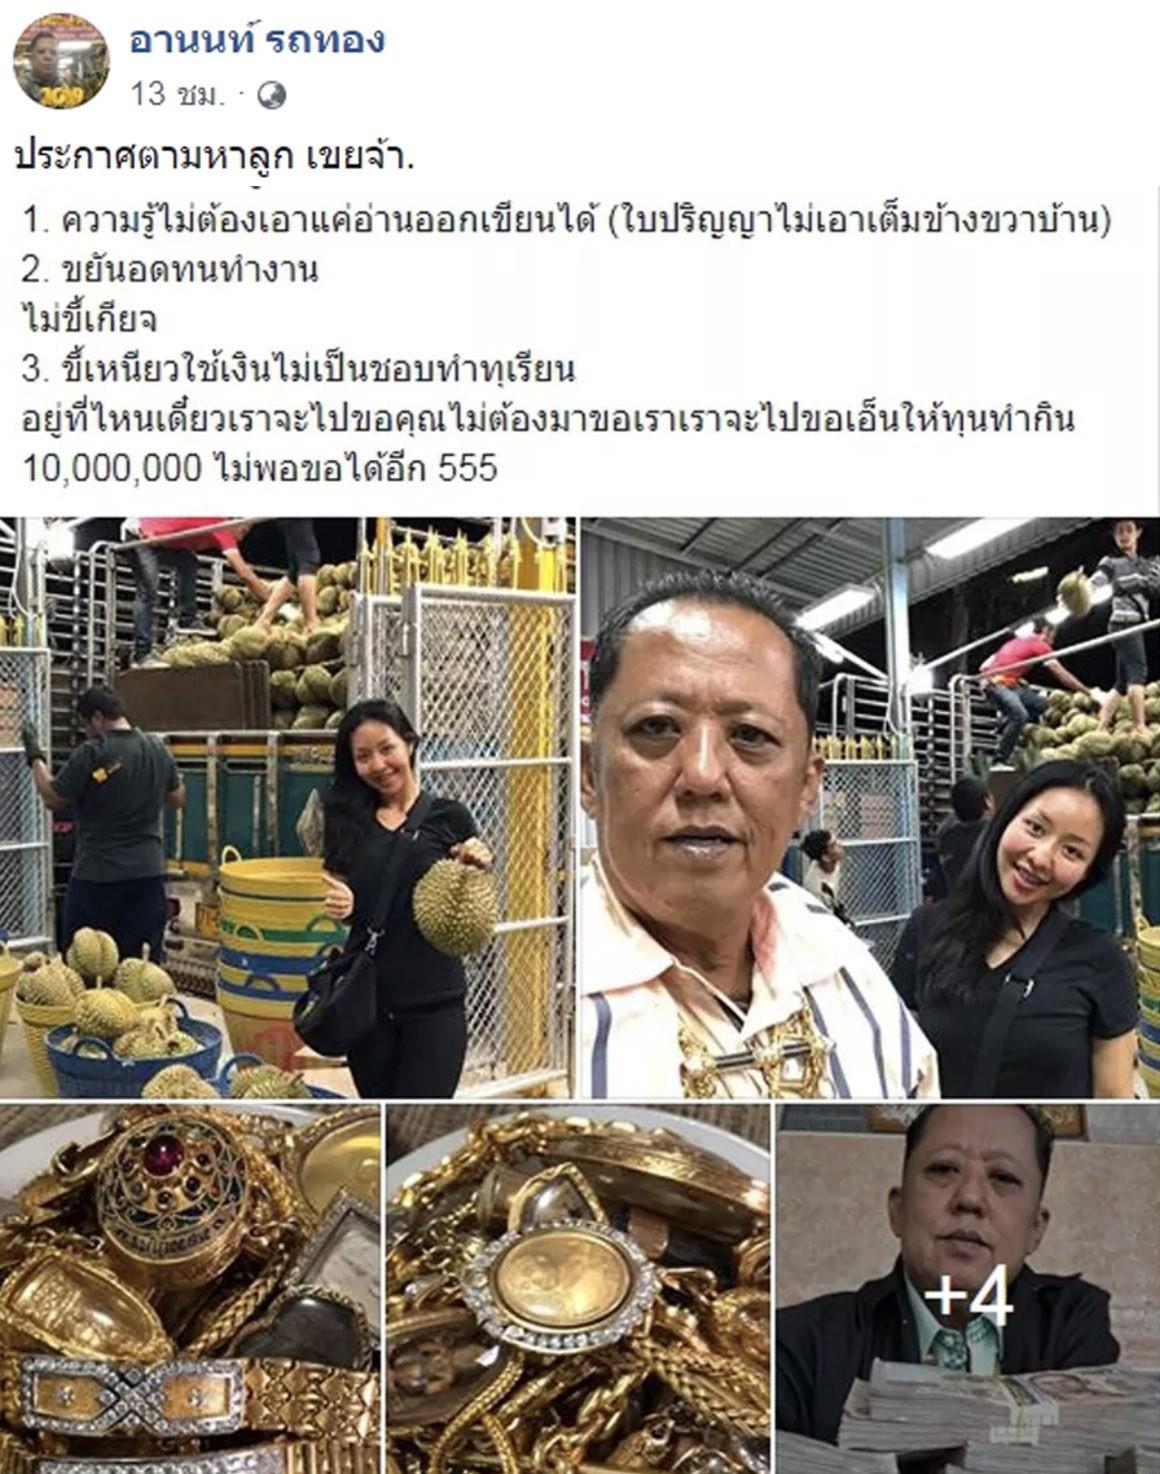 Chủ vựa sầu riêng Thái Lan hủy kế hoạch chi 7 tỷ đồng kén rể, nói mình sắp chết vì điện thoại liên tục reo-2